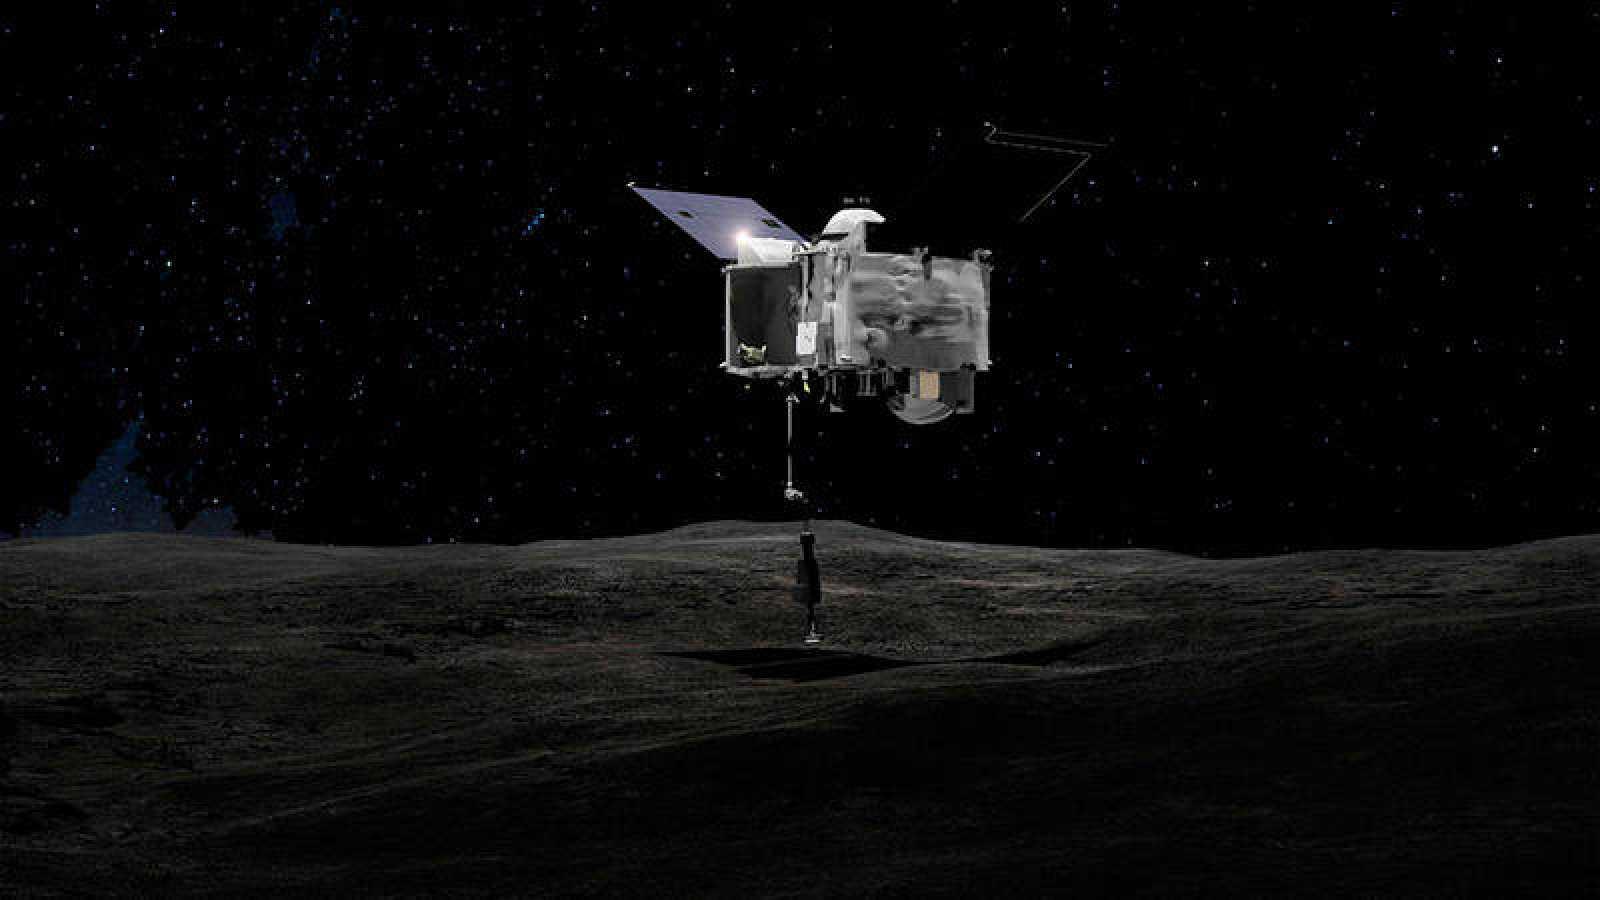 Representación artística de la aeronave OSIRIS-REx sobre el asteroide Bennu.